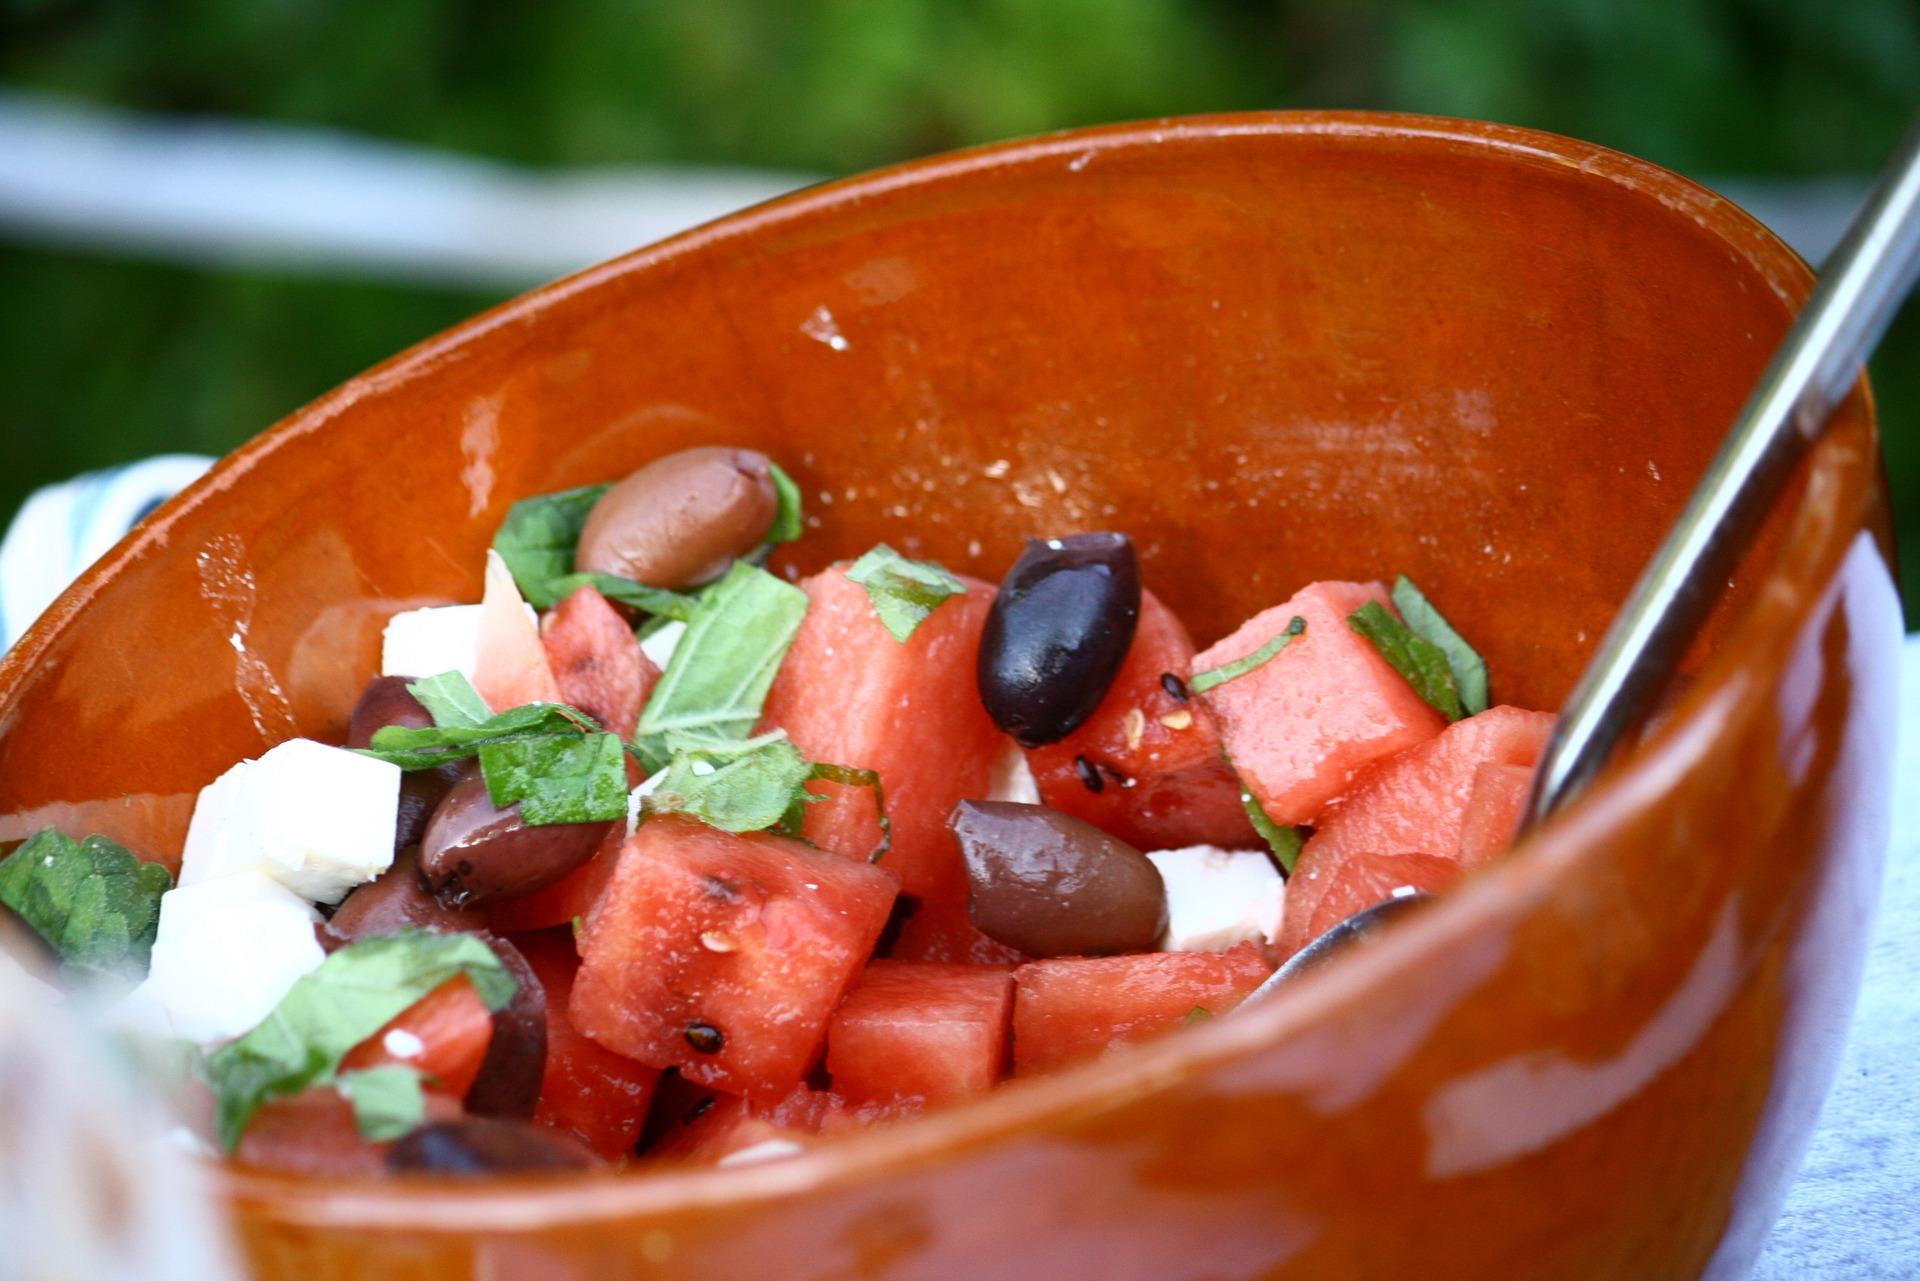 salad-2416131_1920.jpg